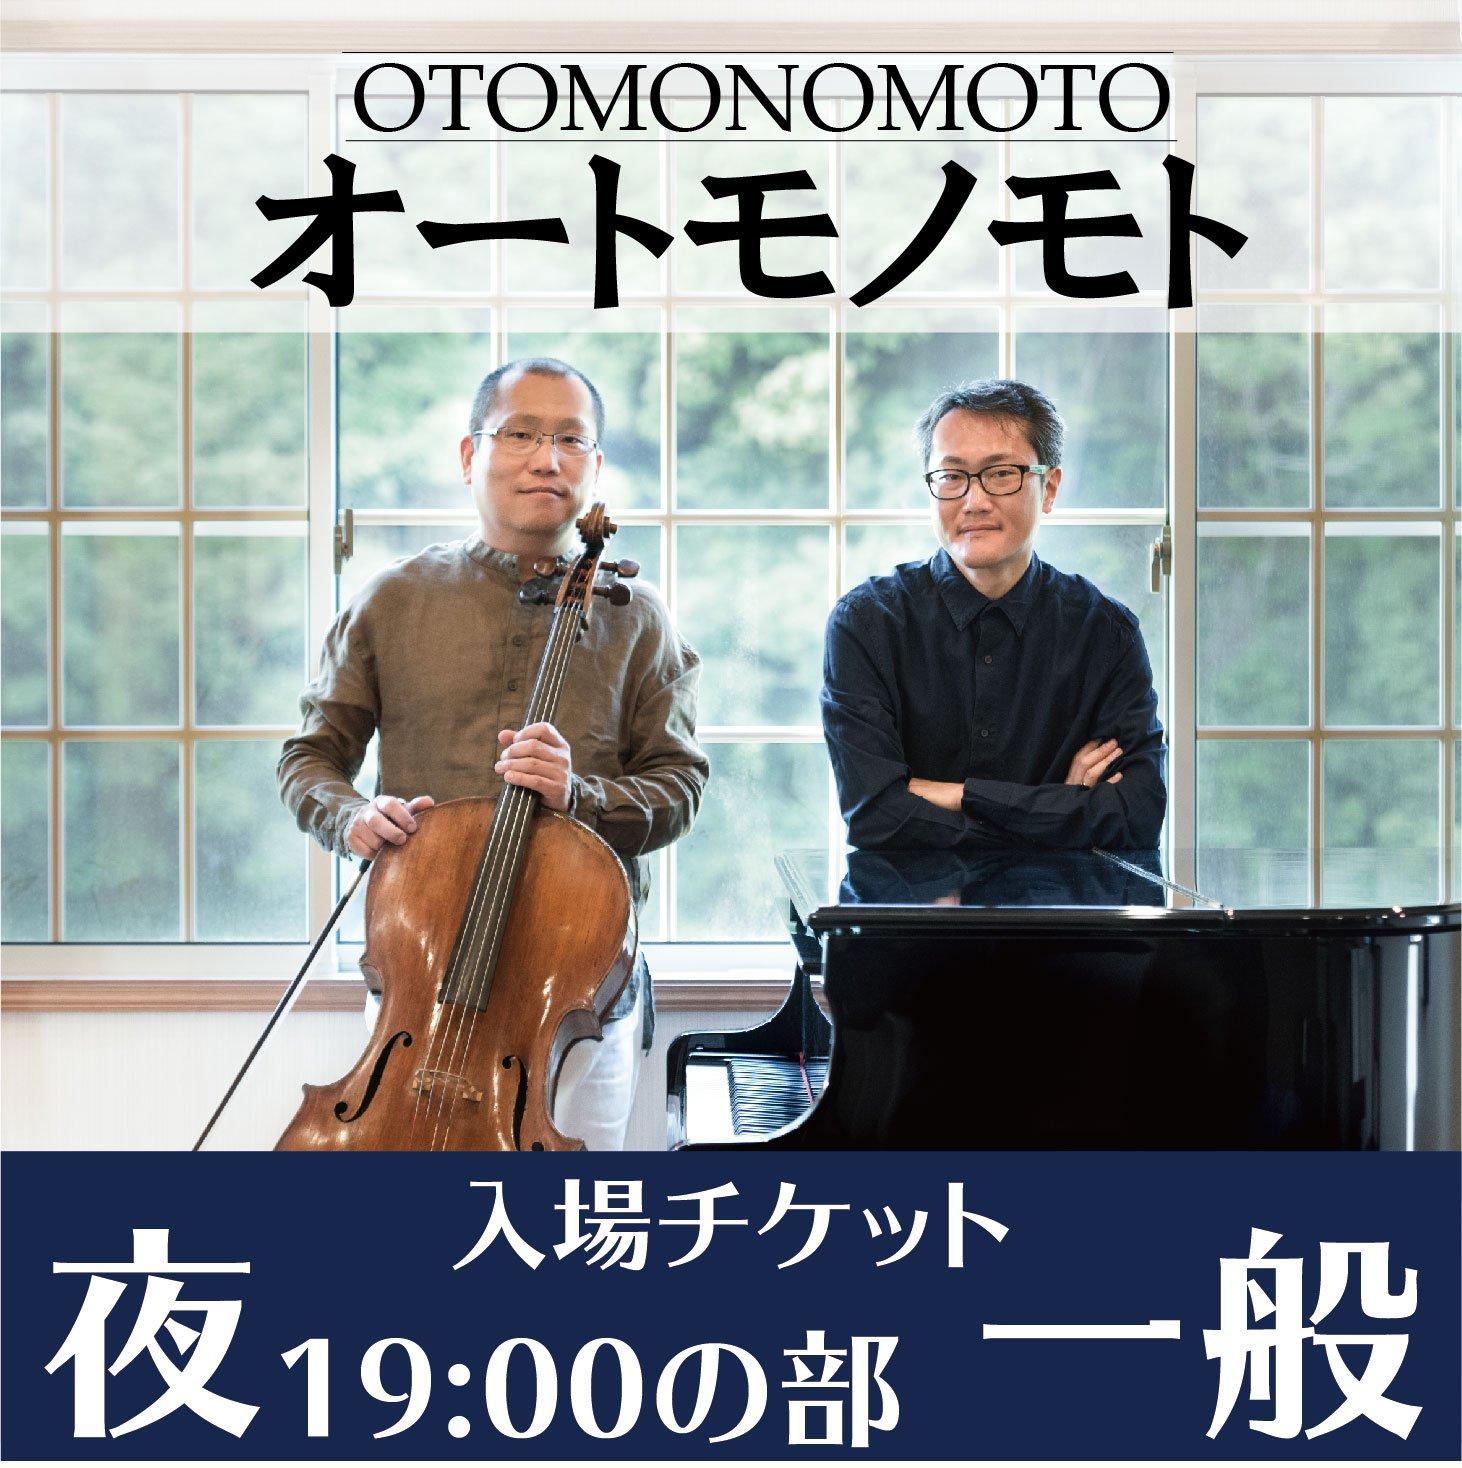 オートモノモト コンサート 10/6(水)【夜の部】19:00〜 一般のイメージその1